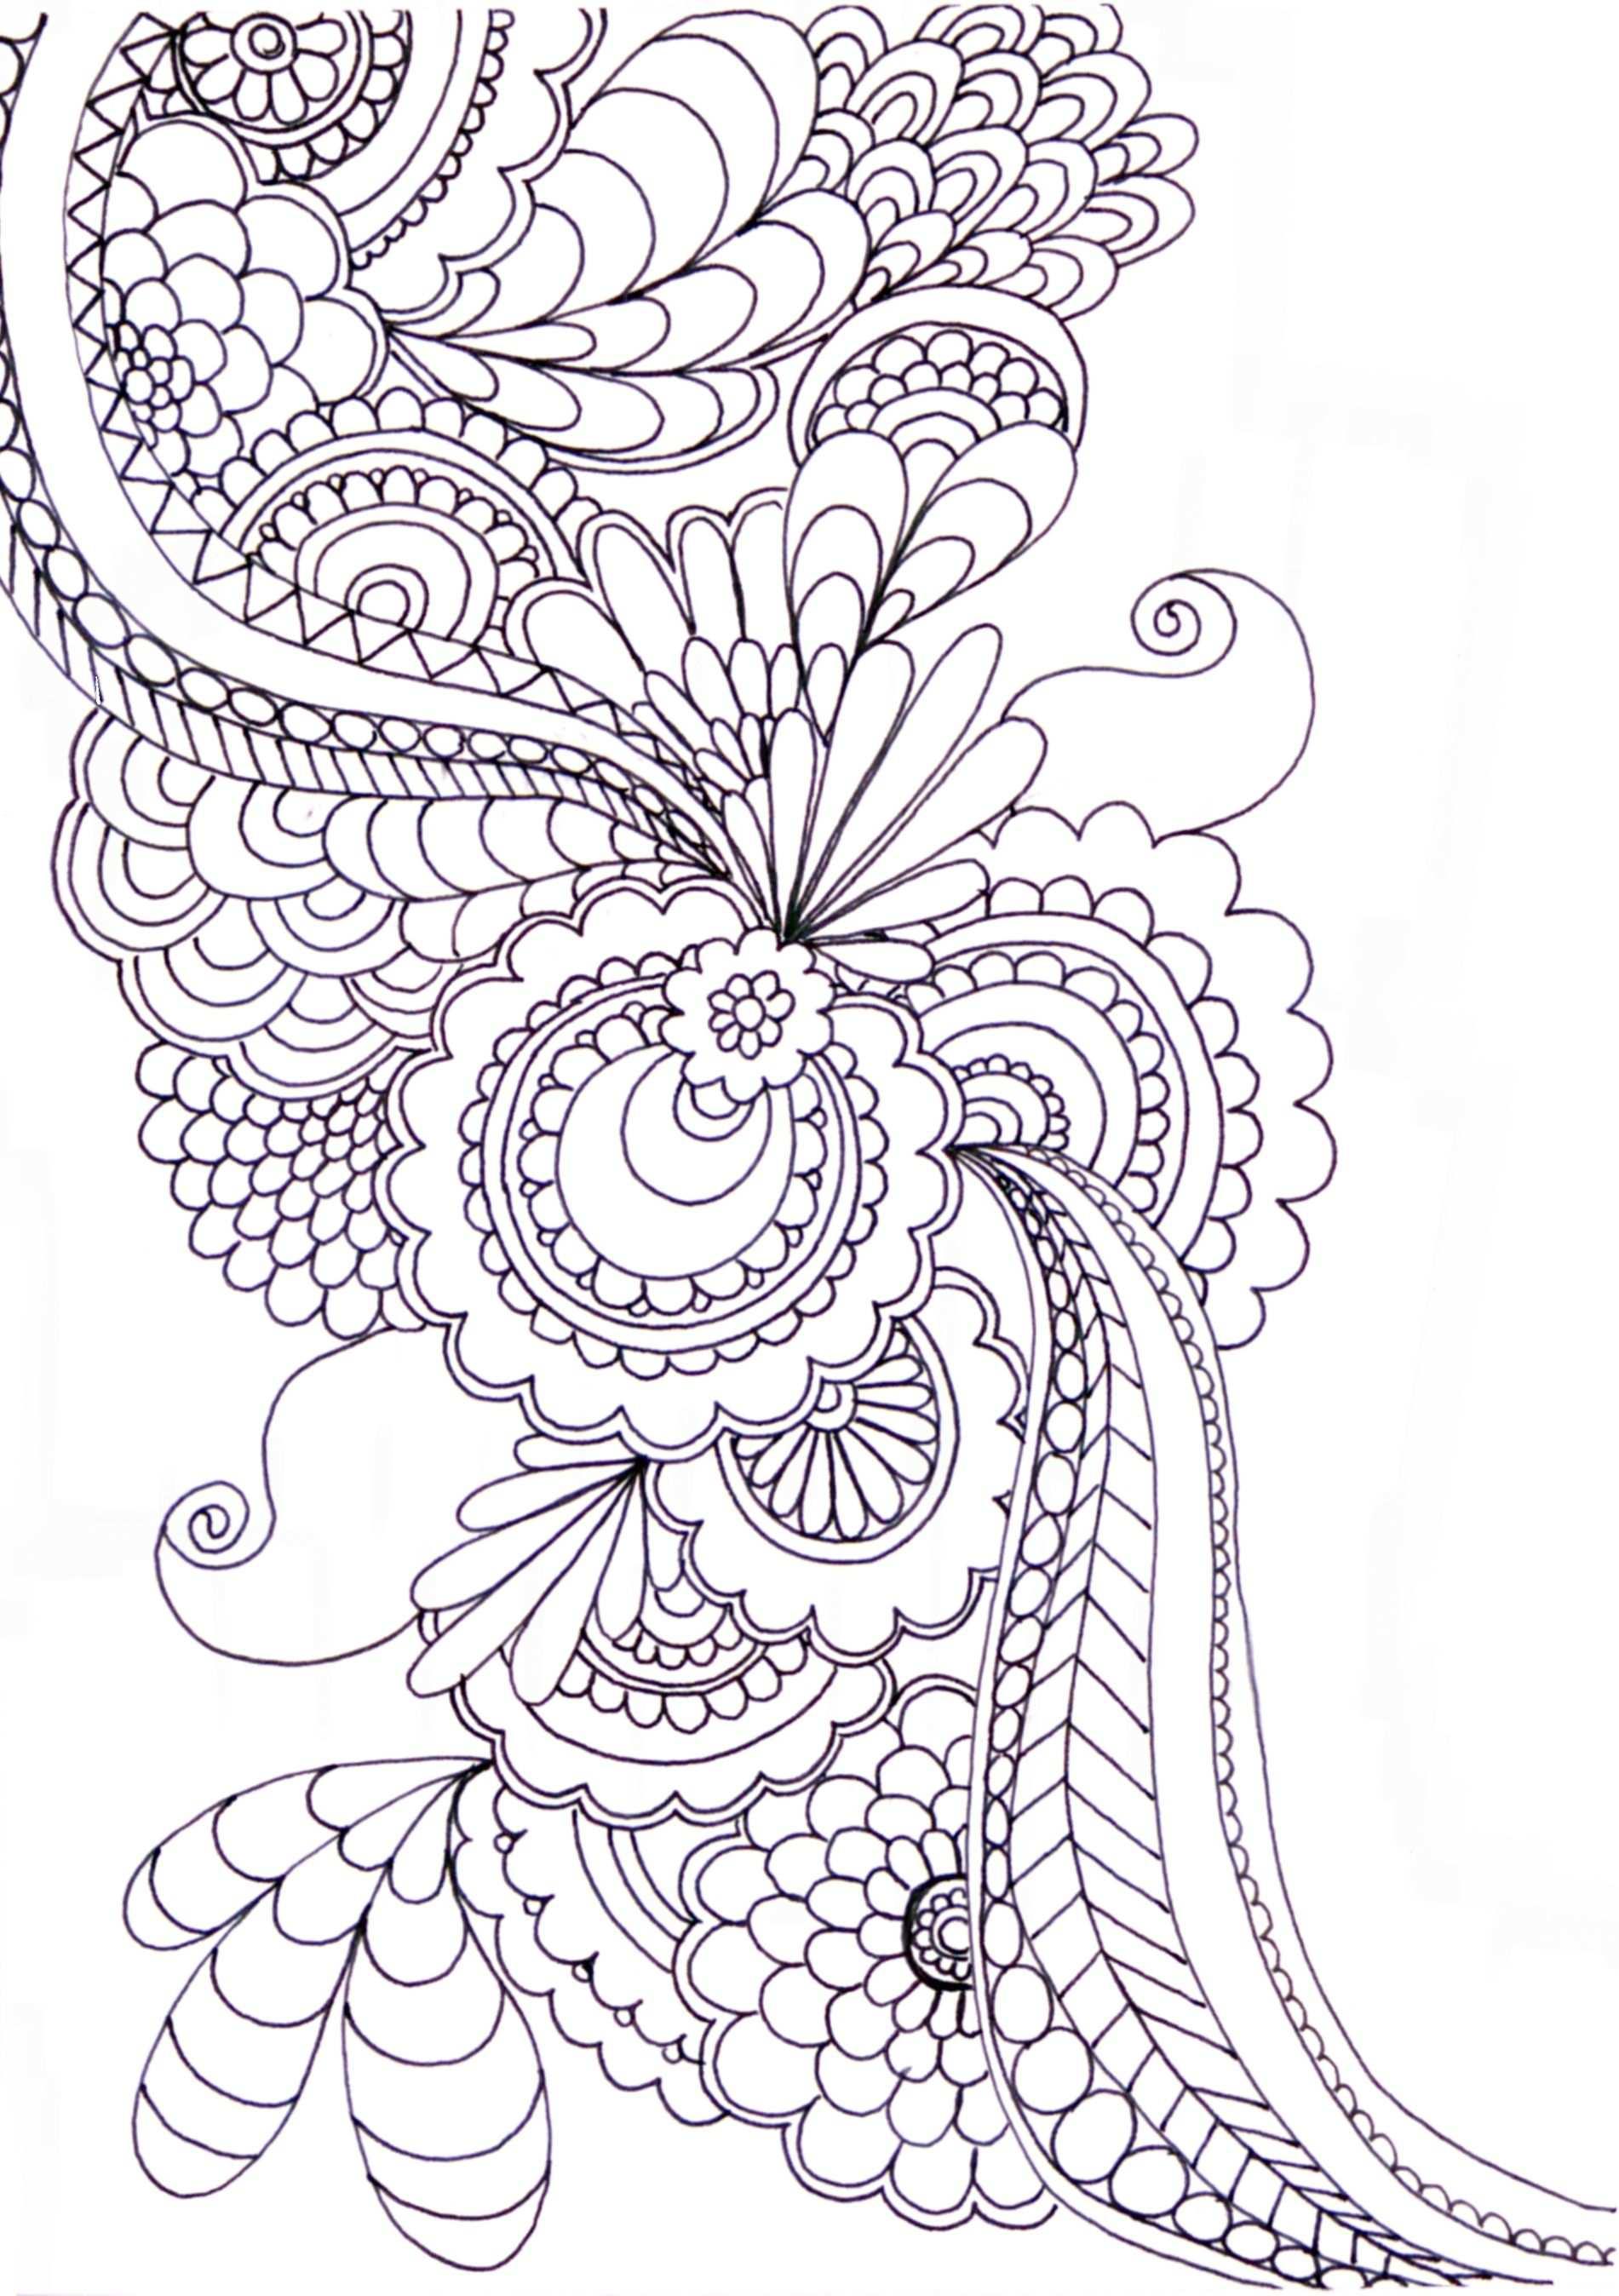 Pin Von Amanda Shipley Auf Tangled Designs Kostenlose Erwachsenen Malvorlagen Malvorlagen Blumen Ausmalbilder